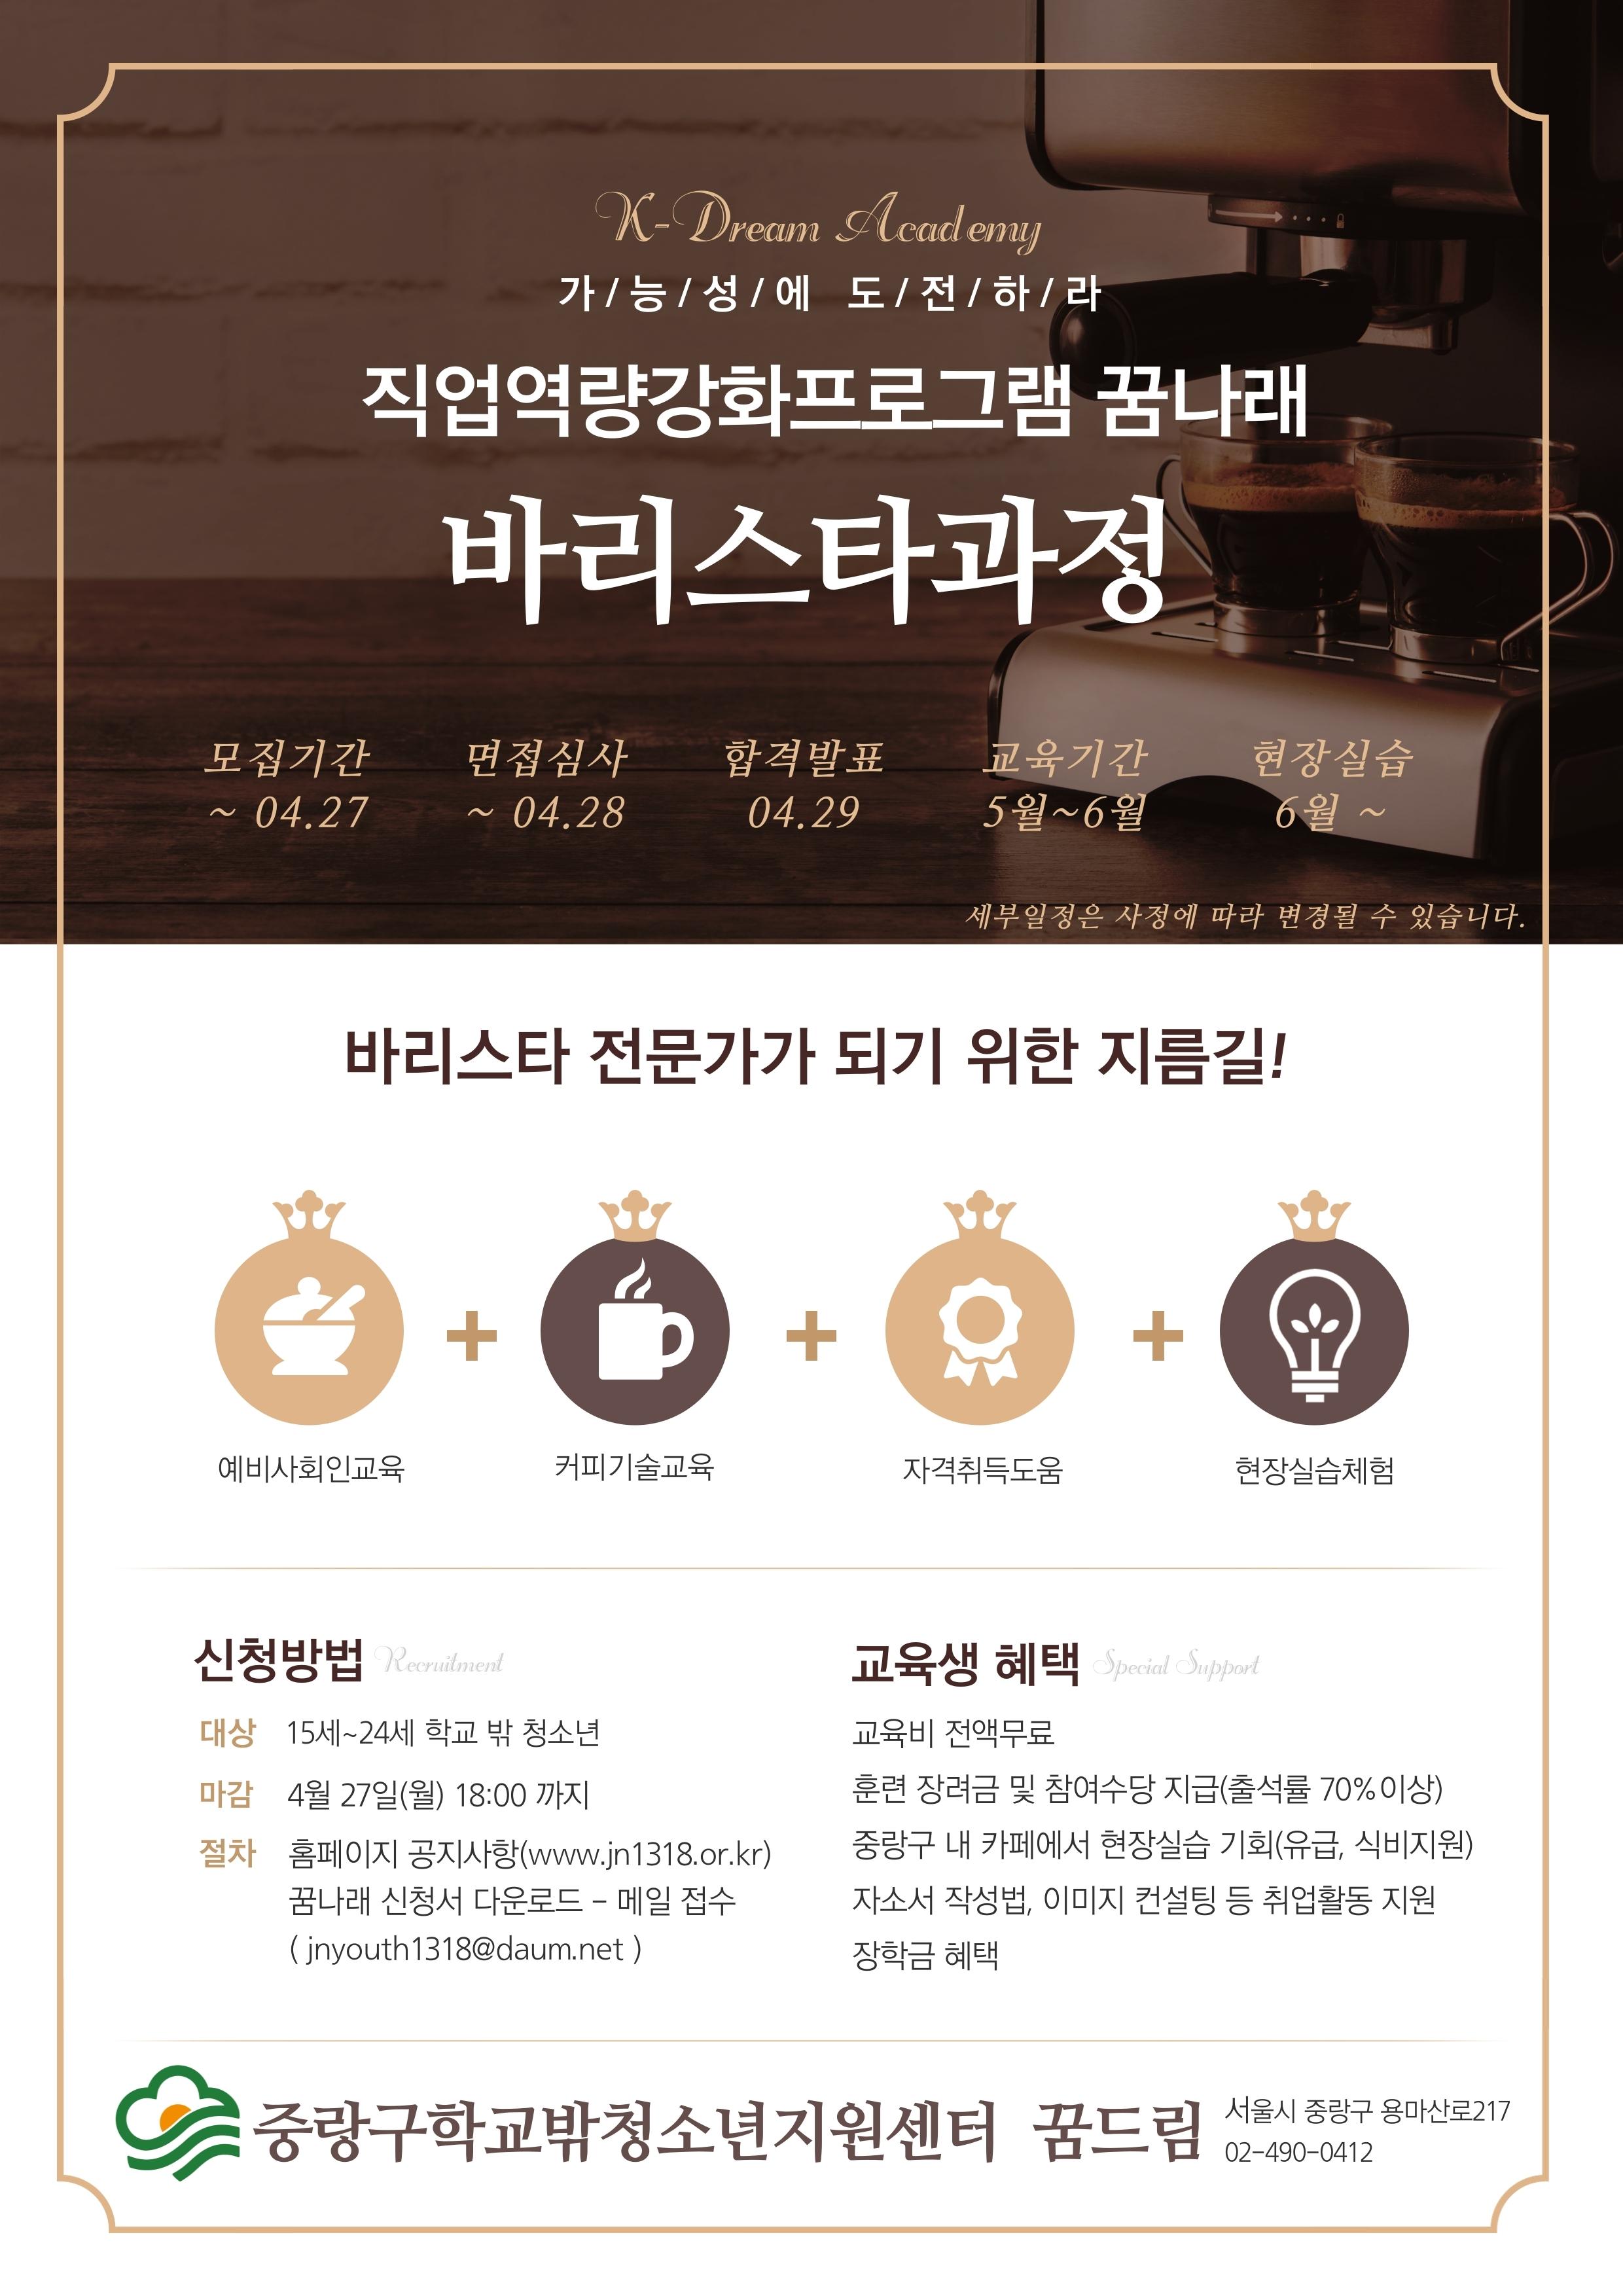 붙임4. 꿈나래 홍보지_ver2.jpg